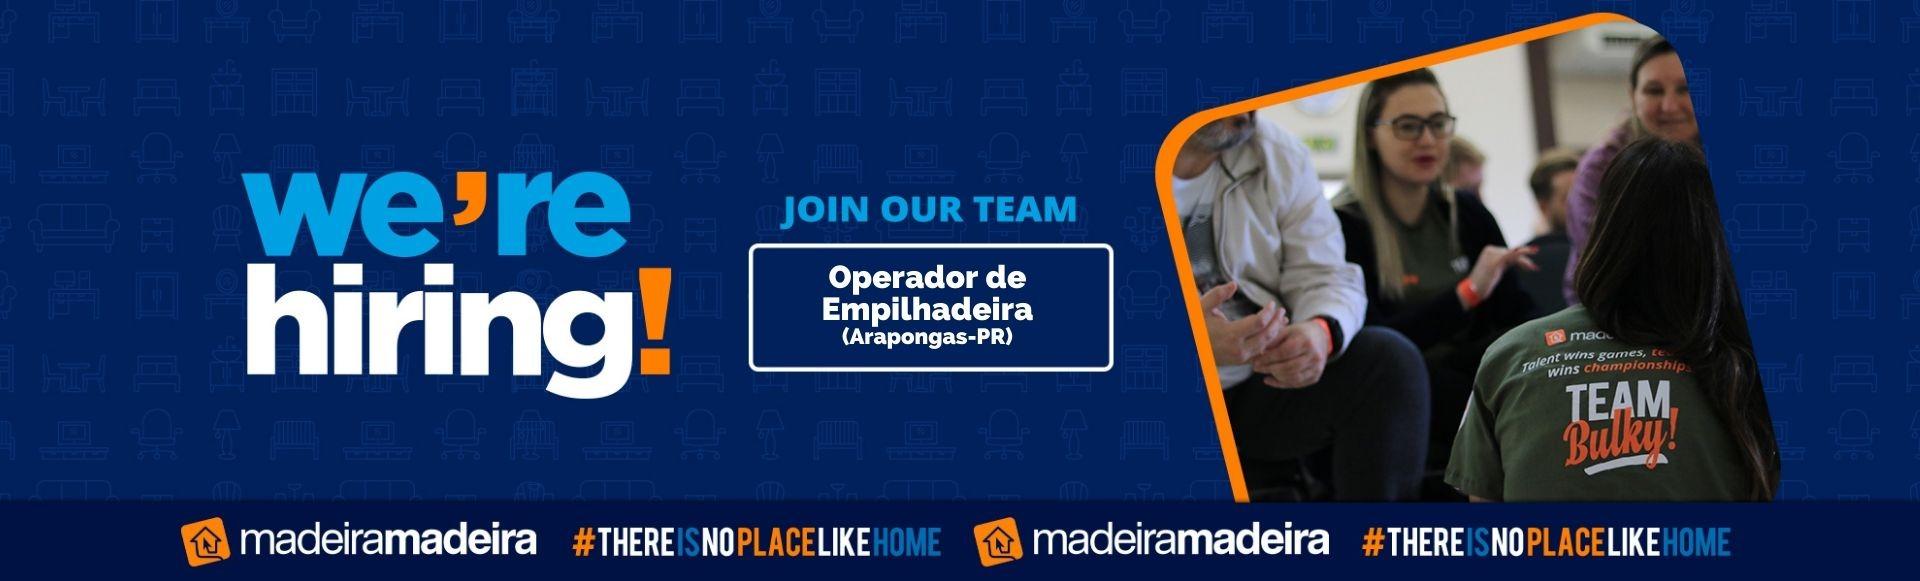 Operador de Empilhadeira (Arapongas-PR)